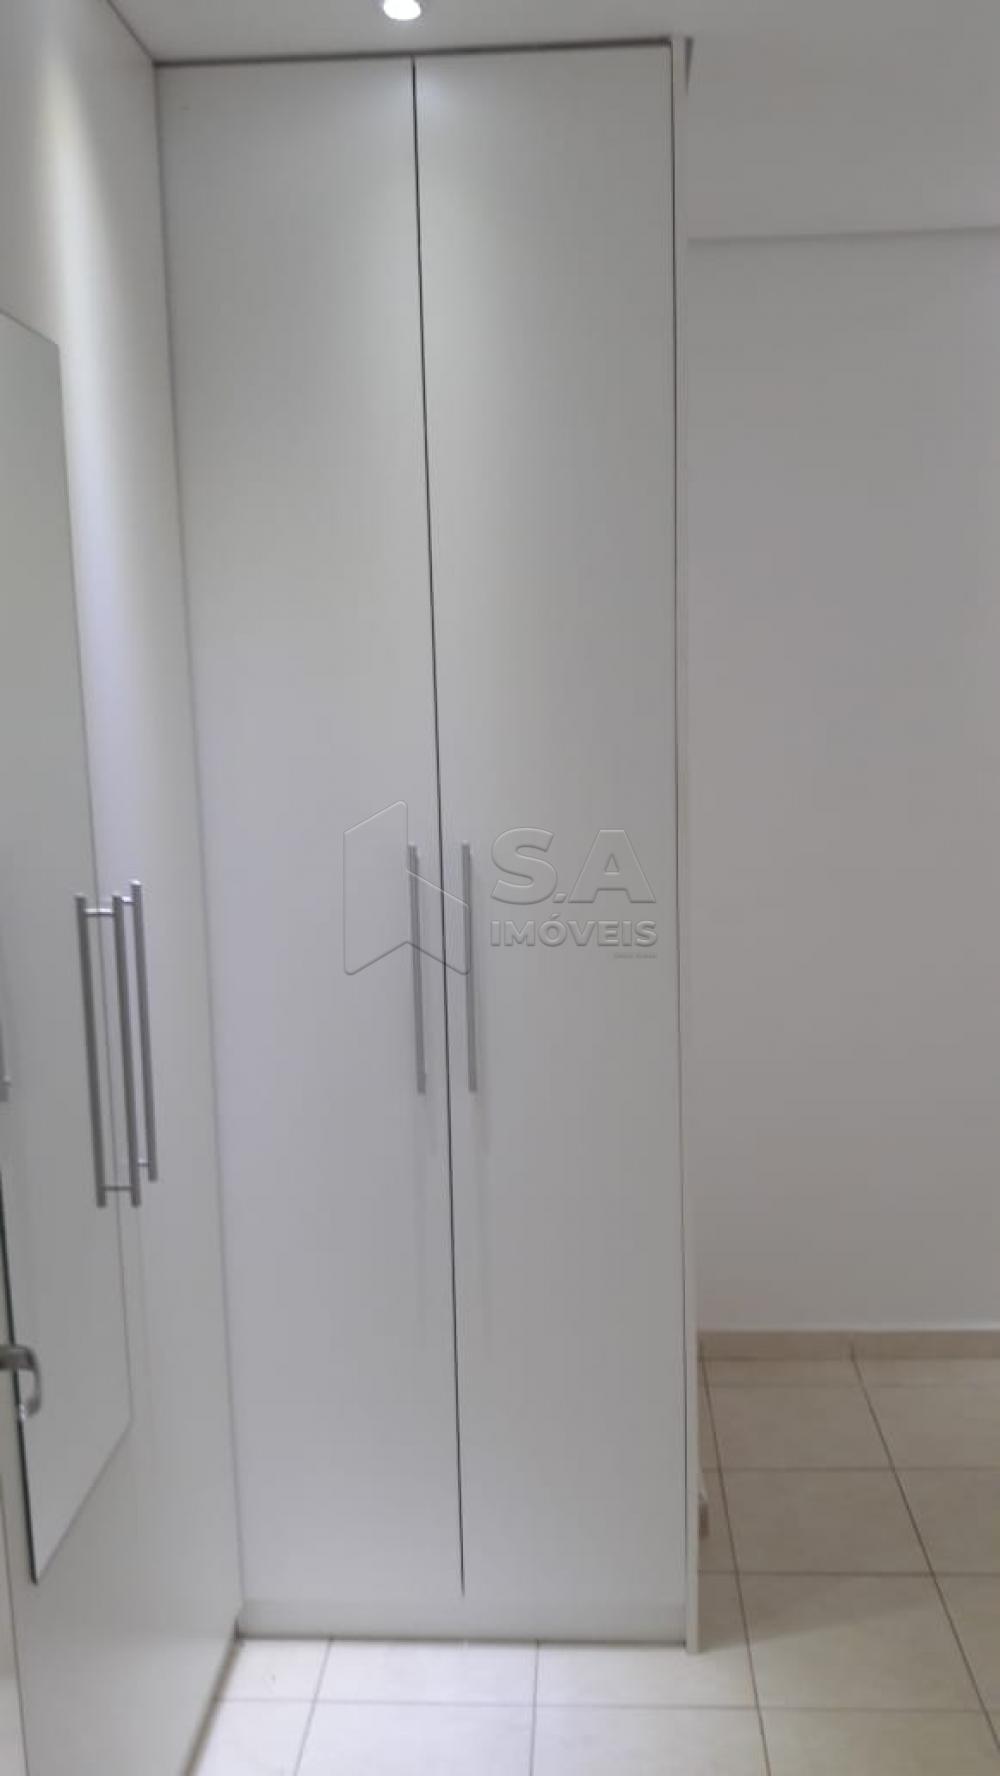 Comprar Apartamento / Padrão em Botucatu R$ 140.000,00 - Foto 6